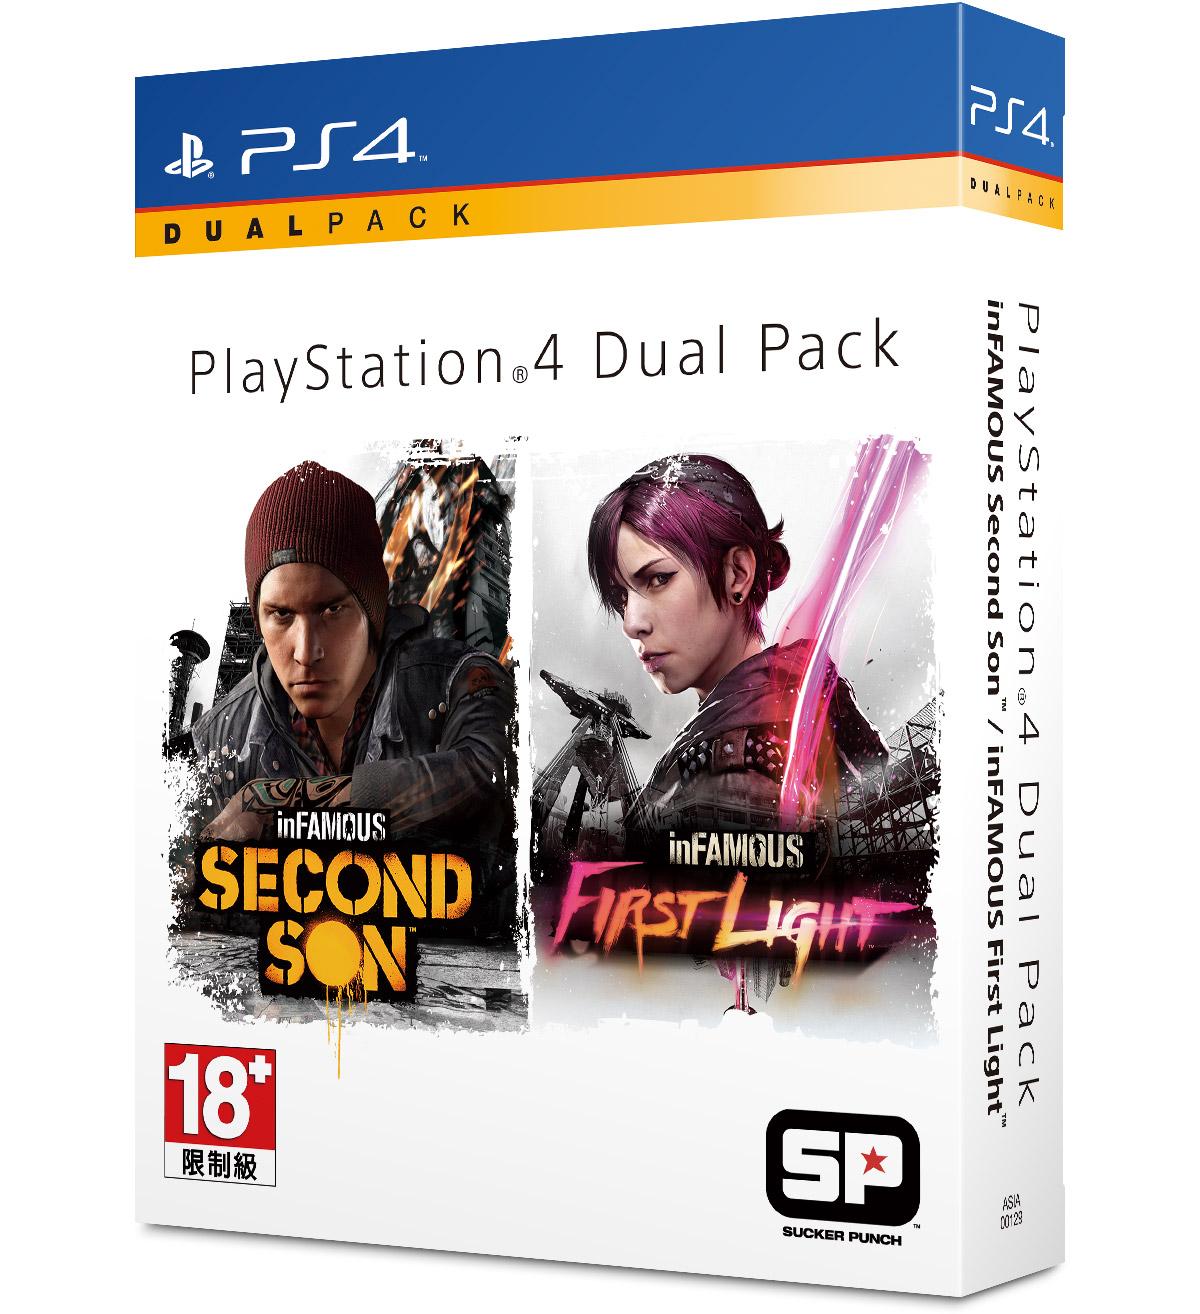 現貨供應中 亞洲中文版  [限制級] PS4 惡名昭彰:第二之子 + 首道曙光 雙重包